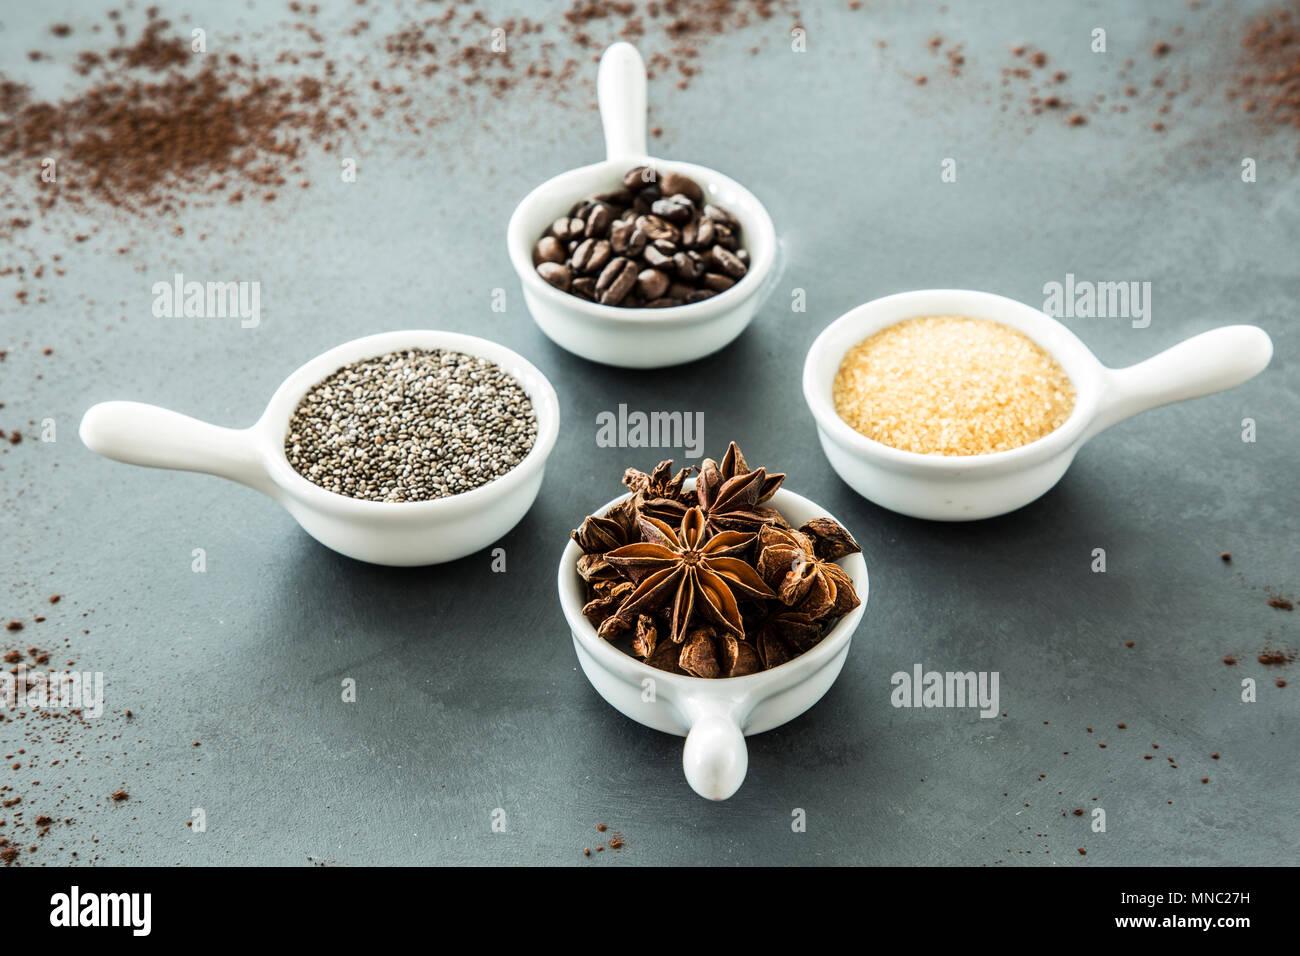 I chicchi di caffè, semi e anice stellato in piccole ciotole di corrispondenza su una tabella di colore grigio. Concetto di aroma cibo Immagini Stock